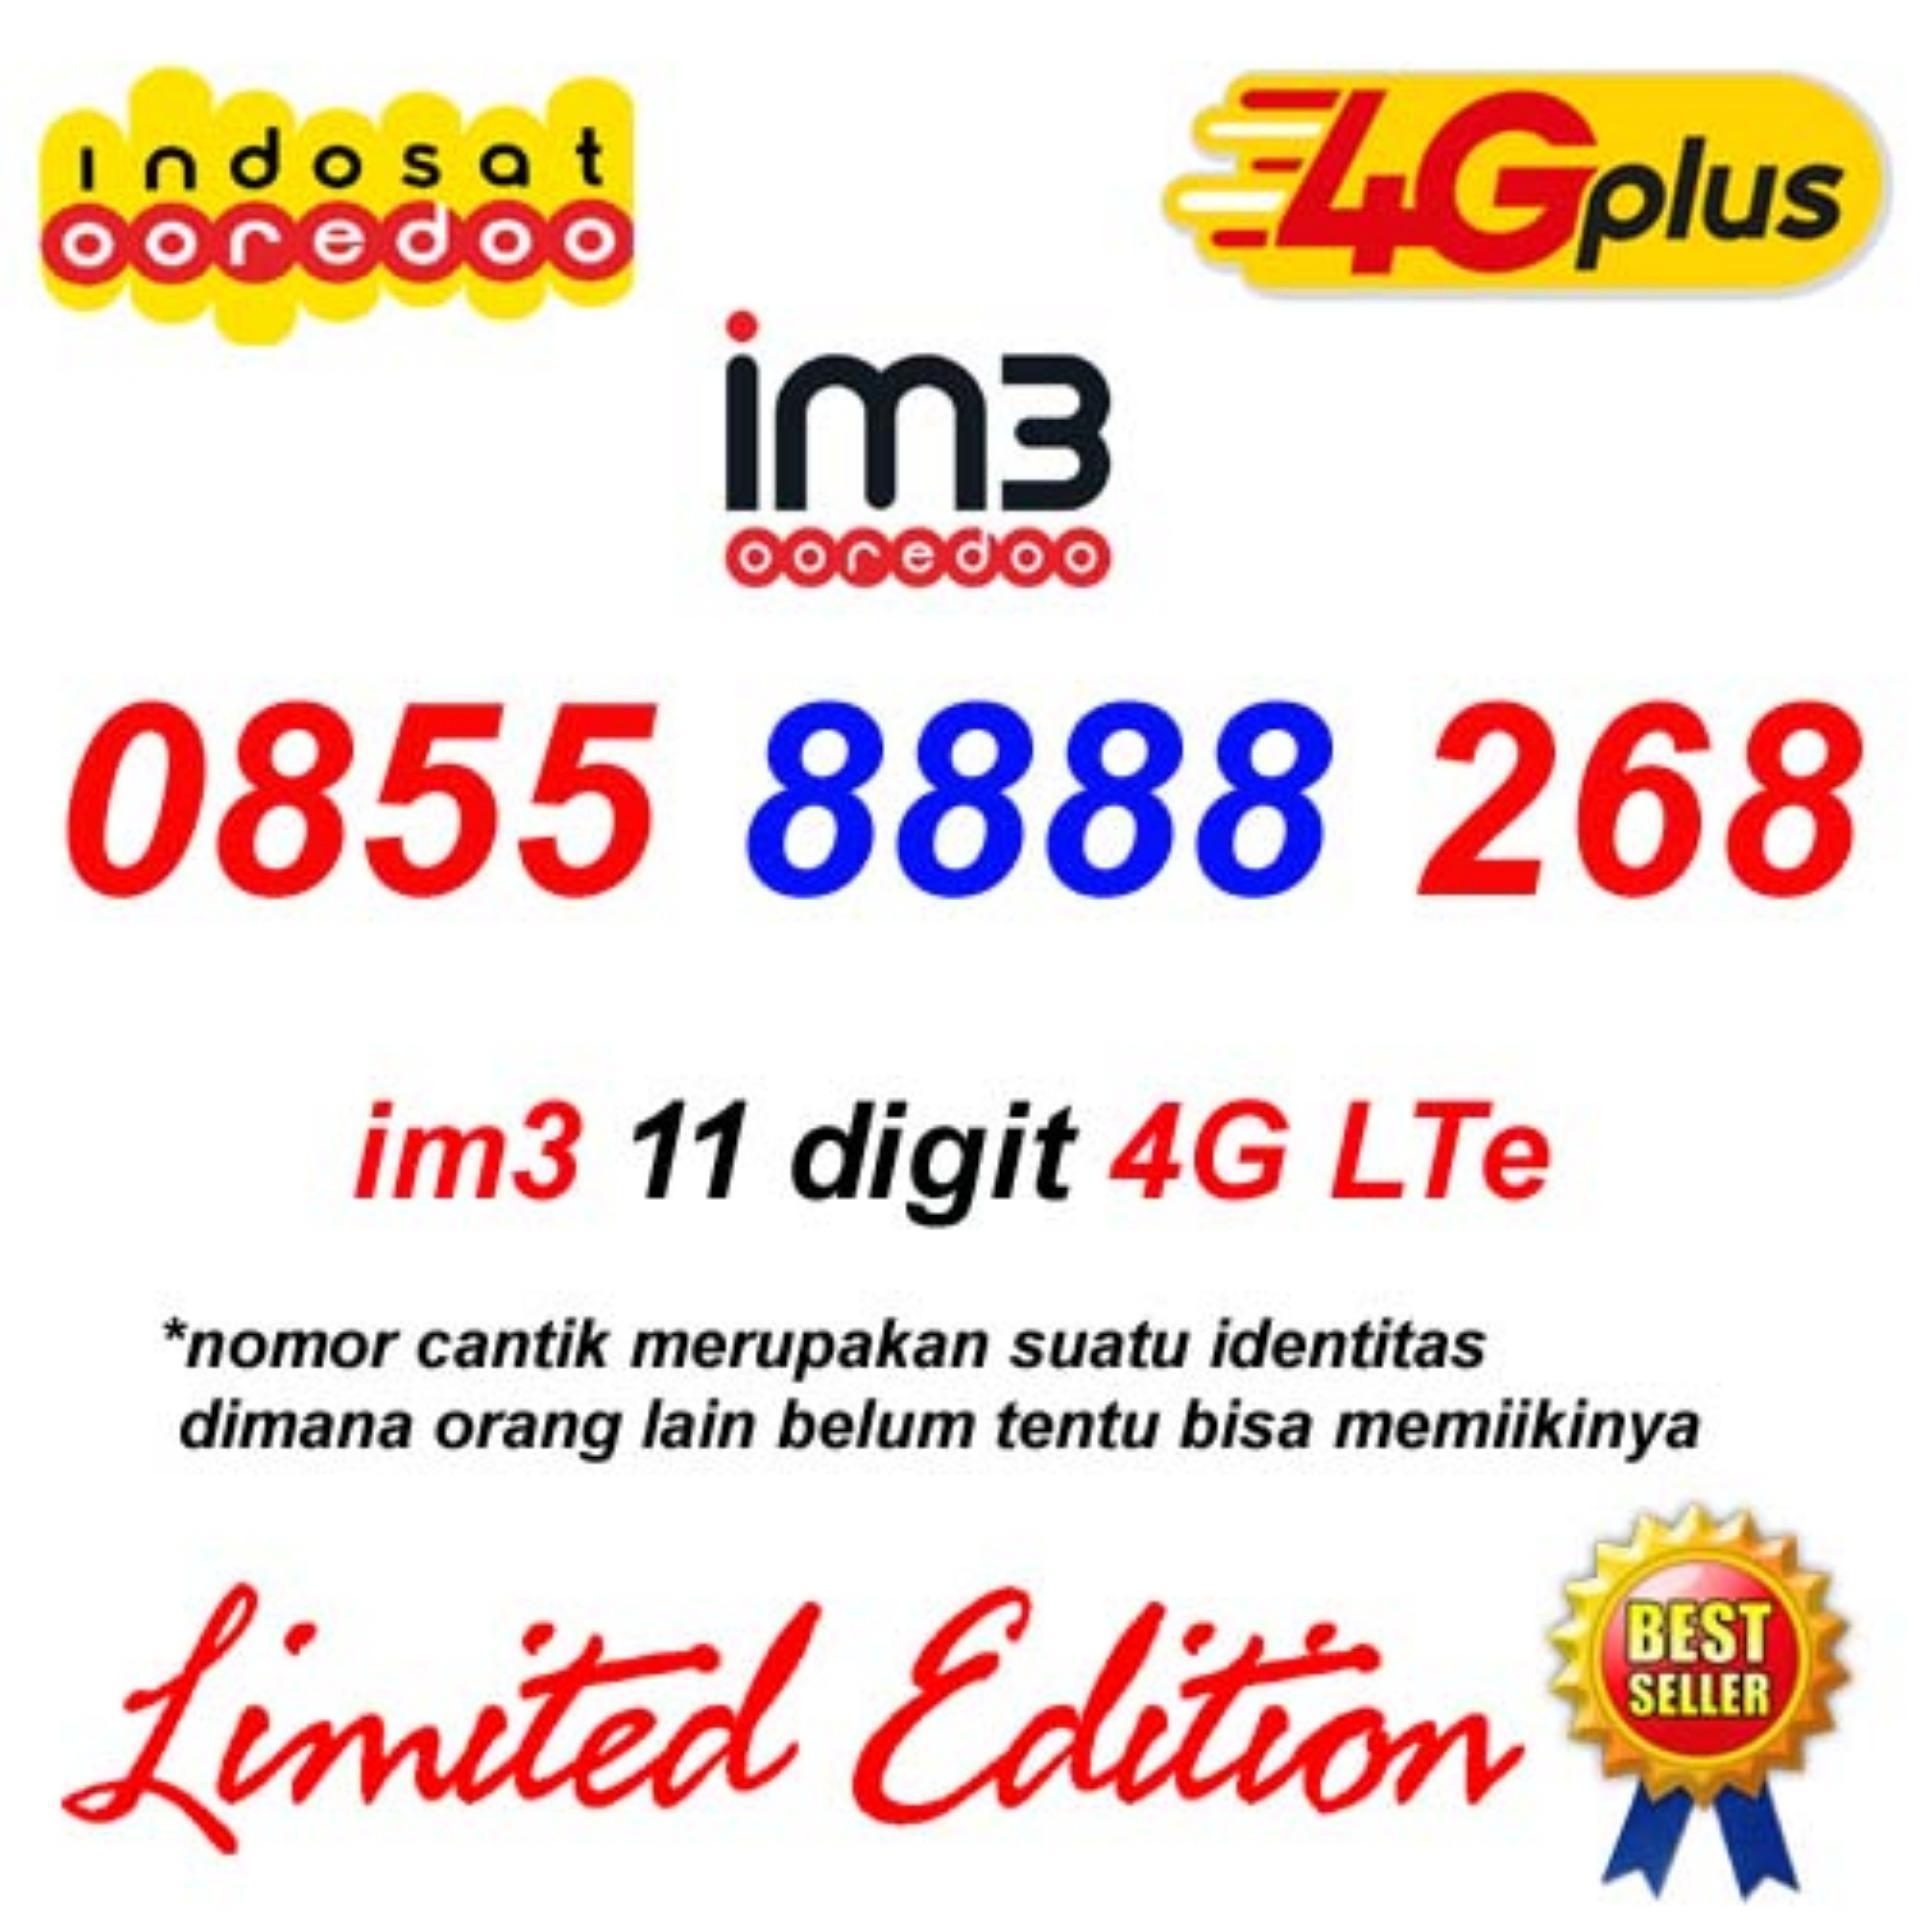 Indosat Im3 11 Digit 0855 8888 218 Kartu Perdana Nomor Cantik Ooredoo 4G LteIDR129000. Rp